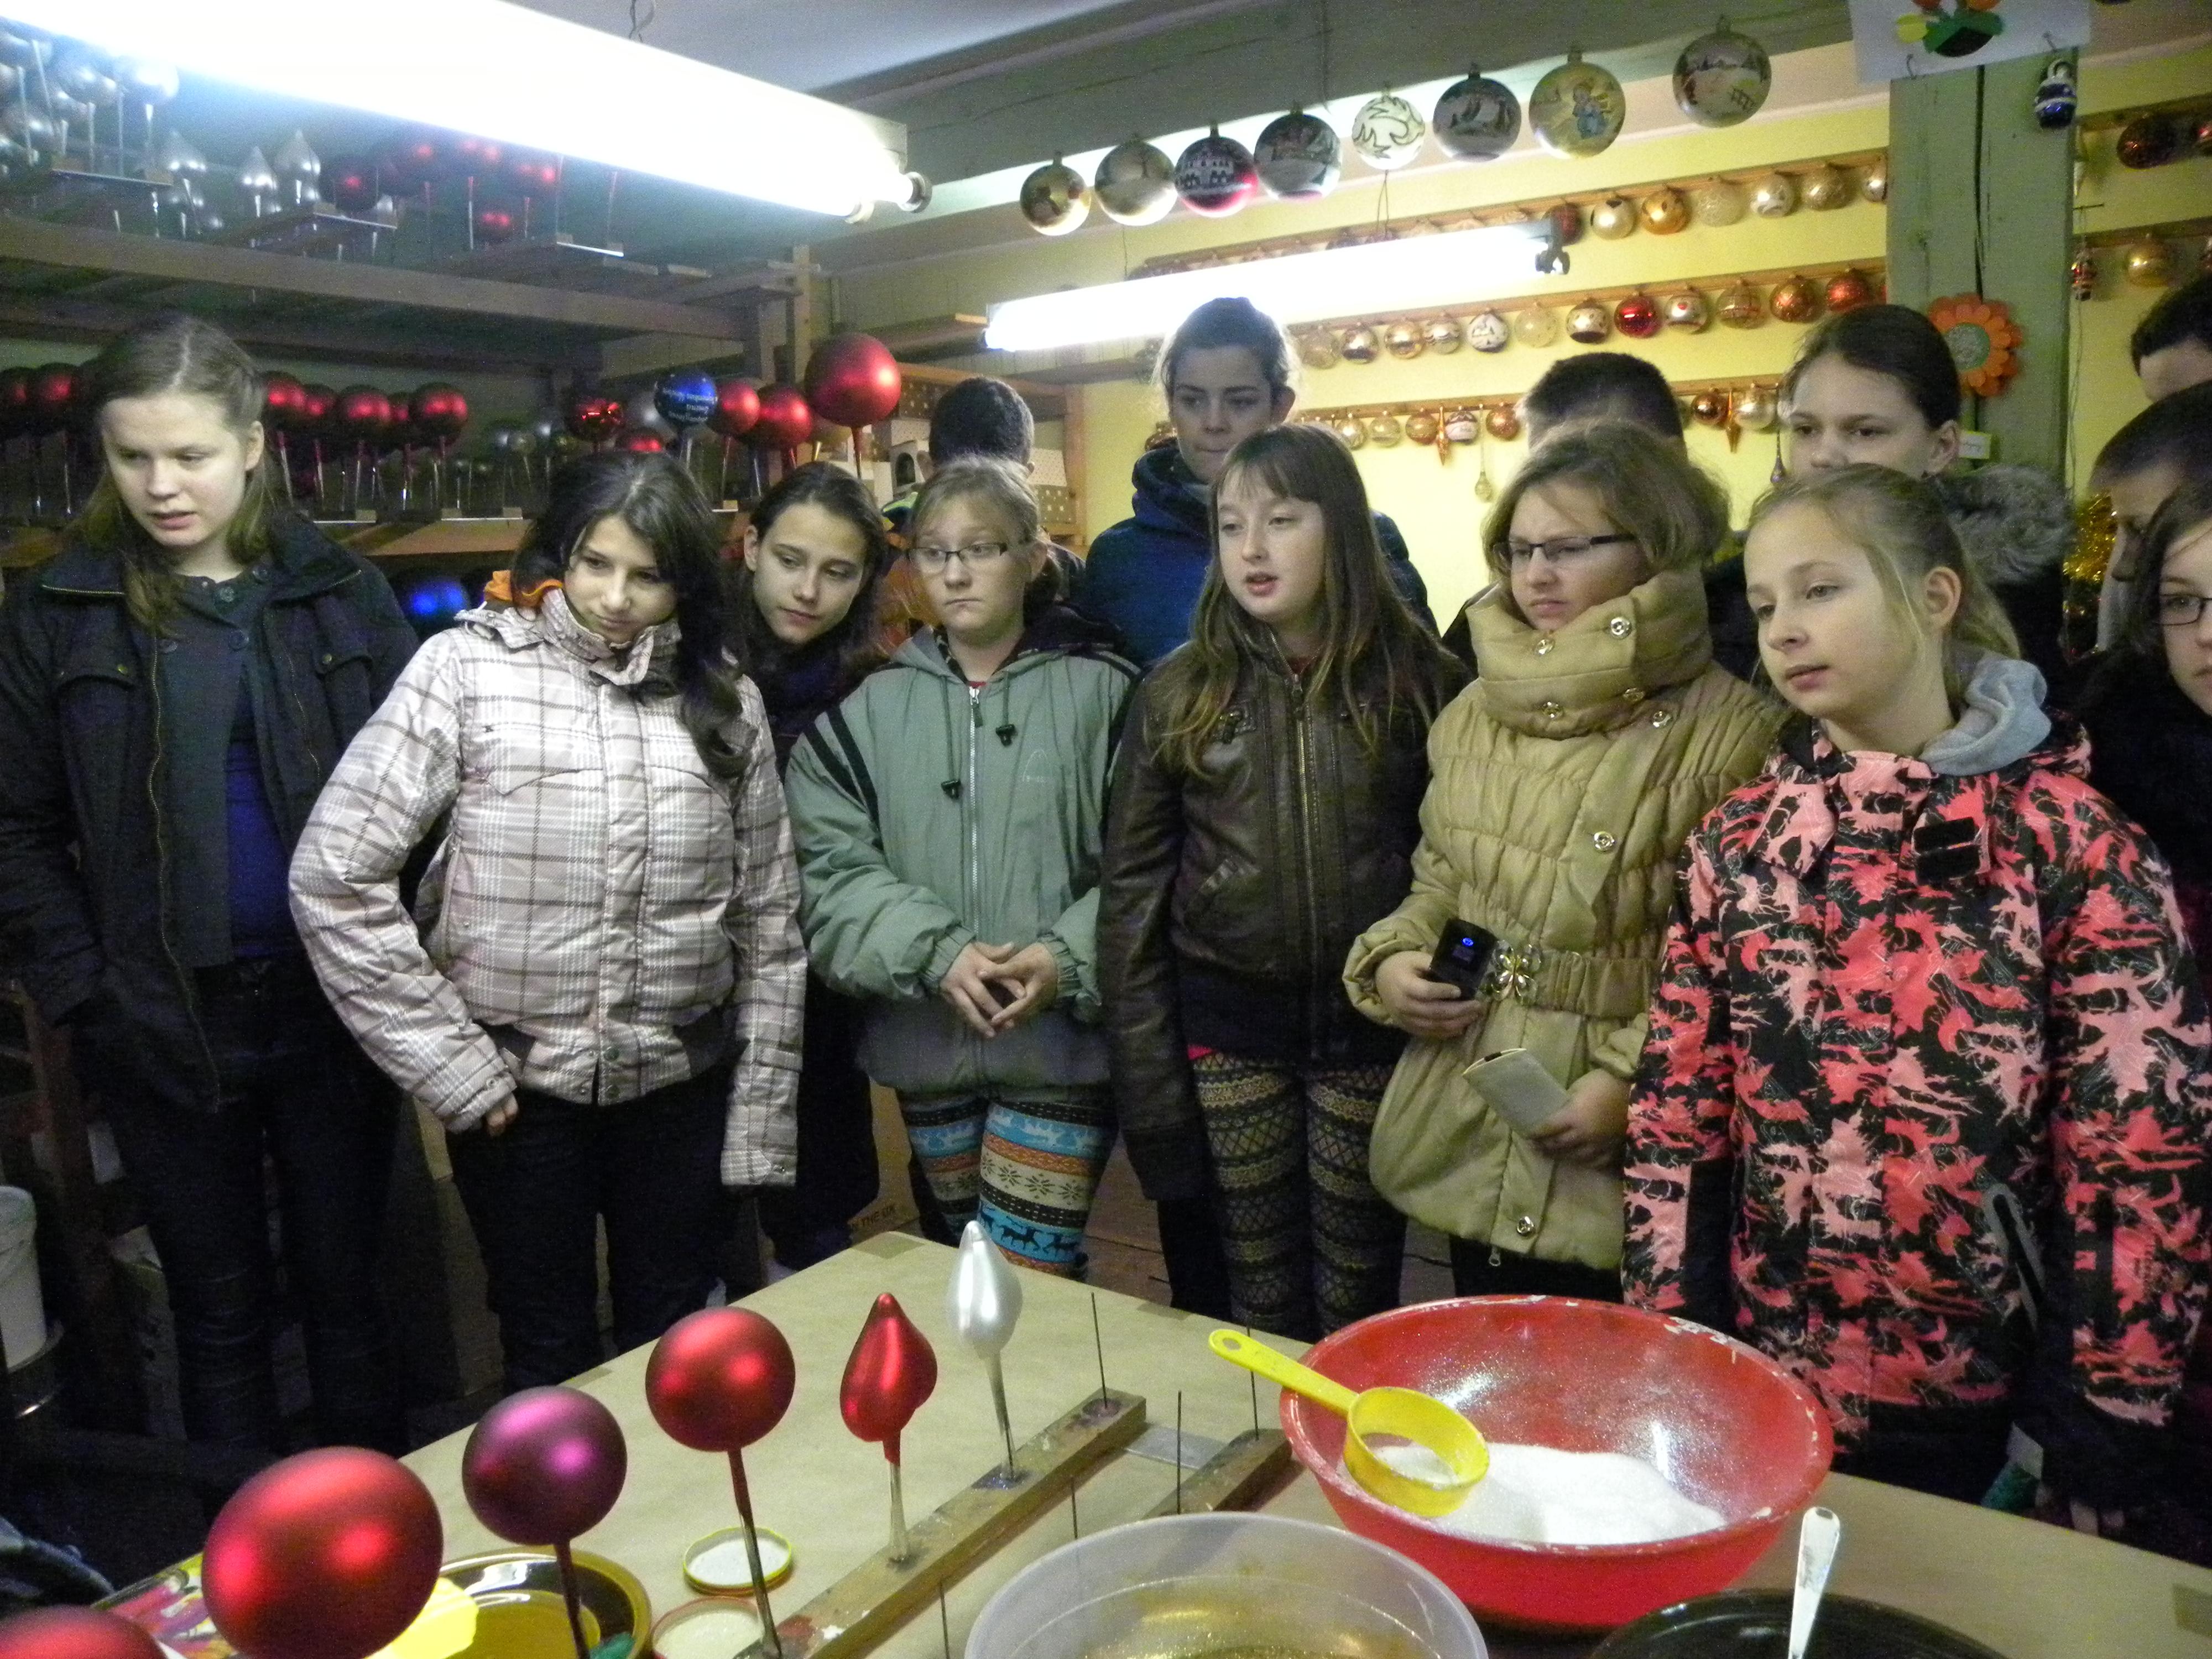 Wycieczka do fabryki bombek w Ząbkowicach Śląskich, Autor: A. Chabło, 26.11.2014r.